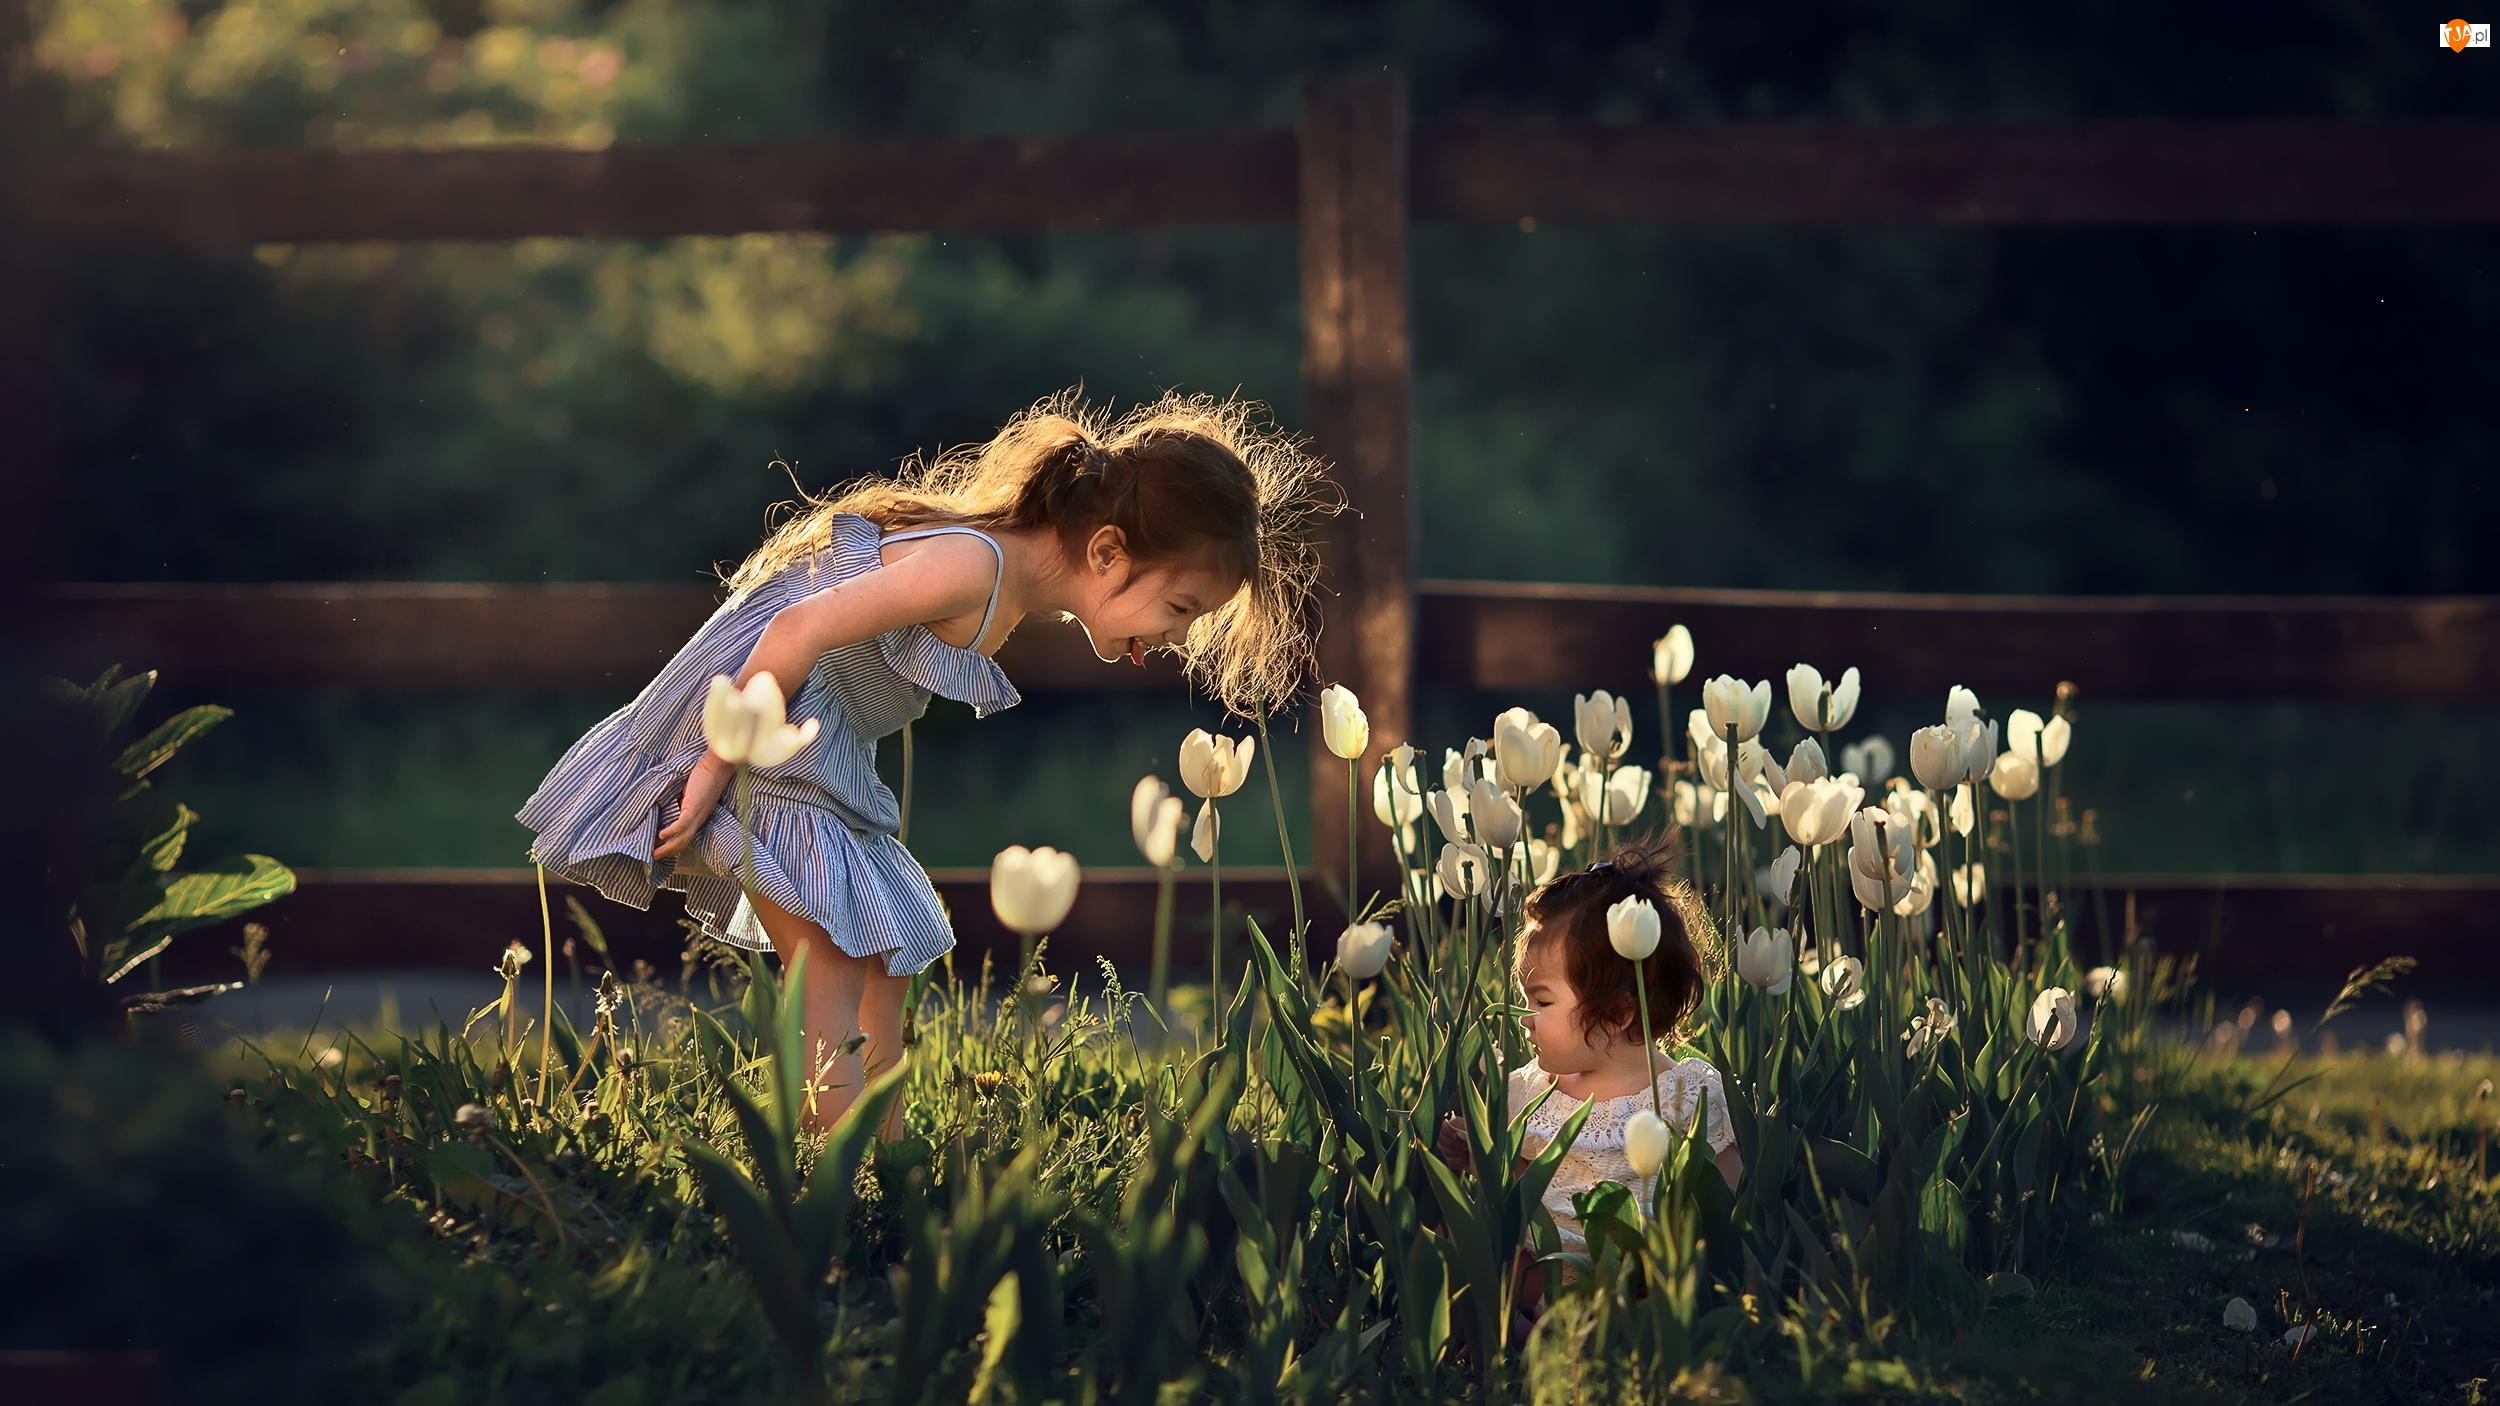 Białe, Płot, Dziewczynki, Dzieci, Tulipany